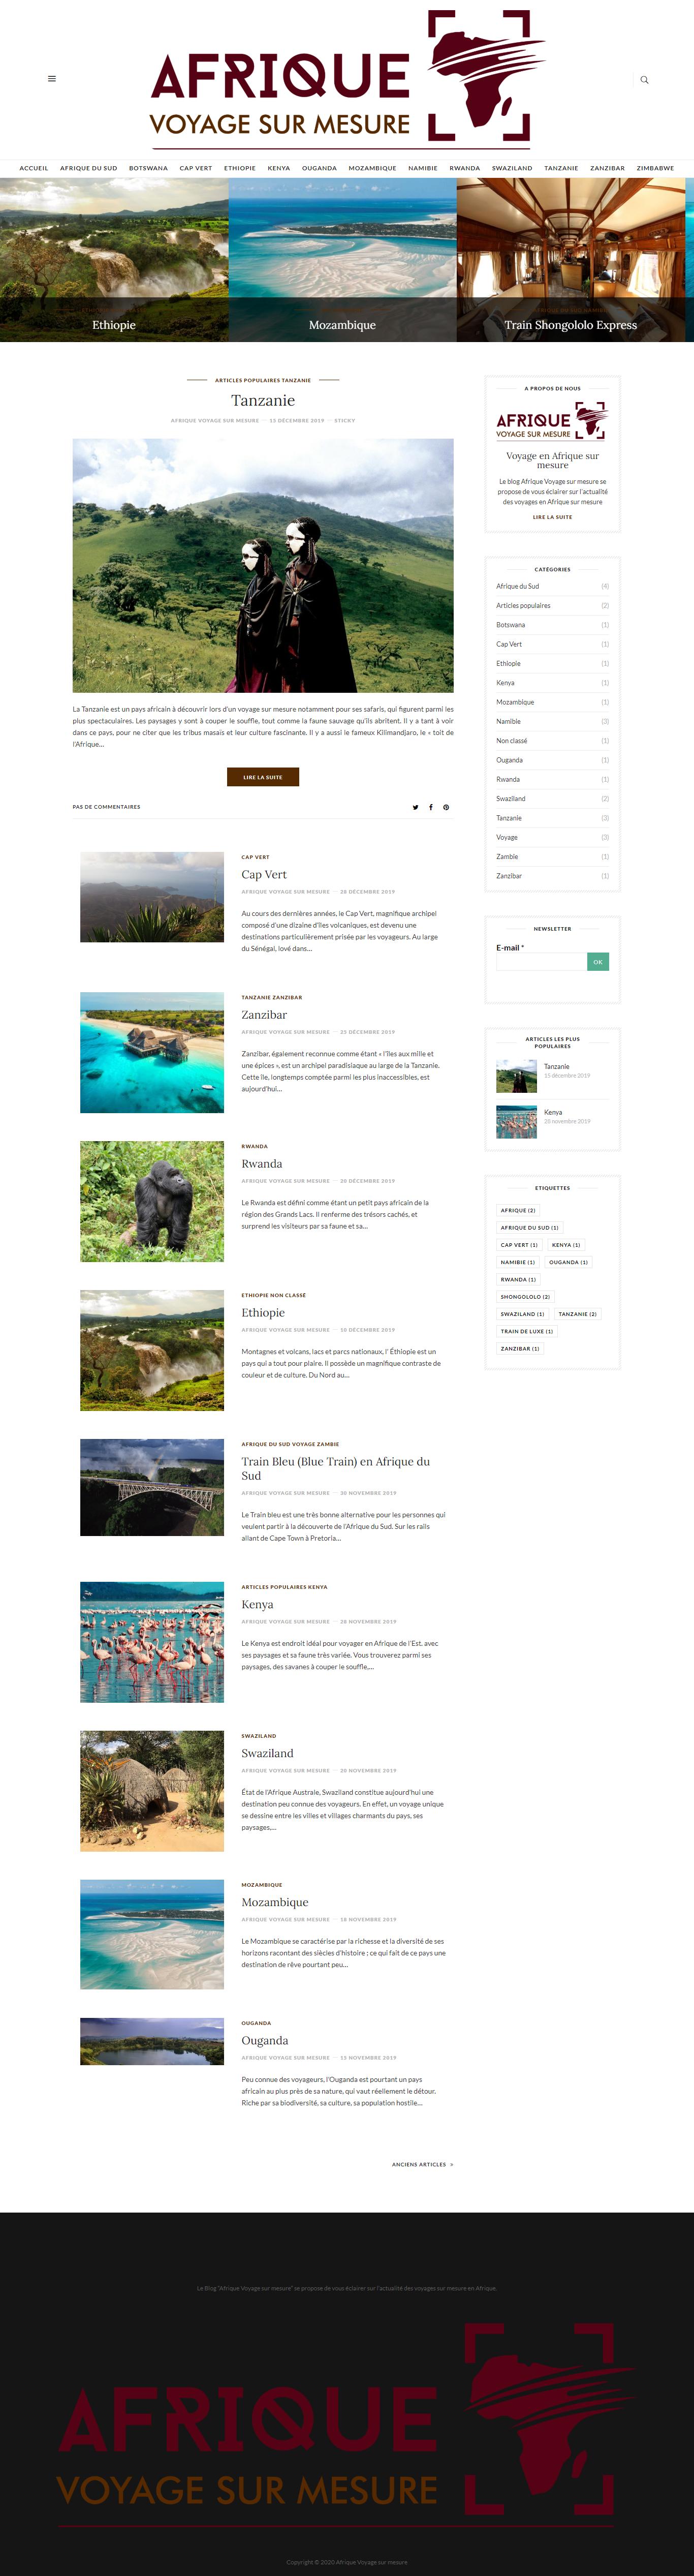 Blog Afrique Voyage sur mesure